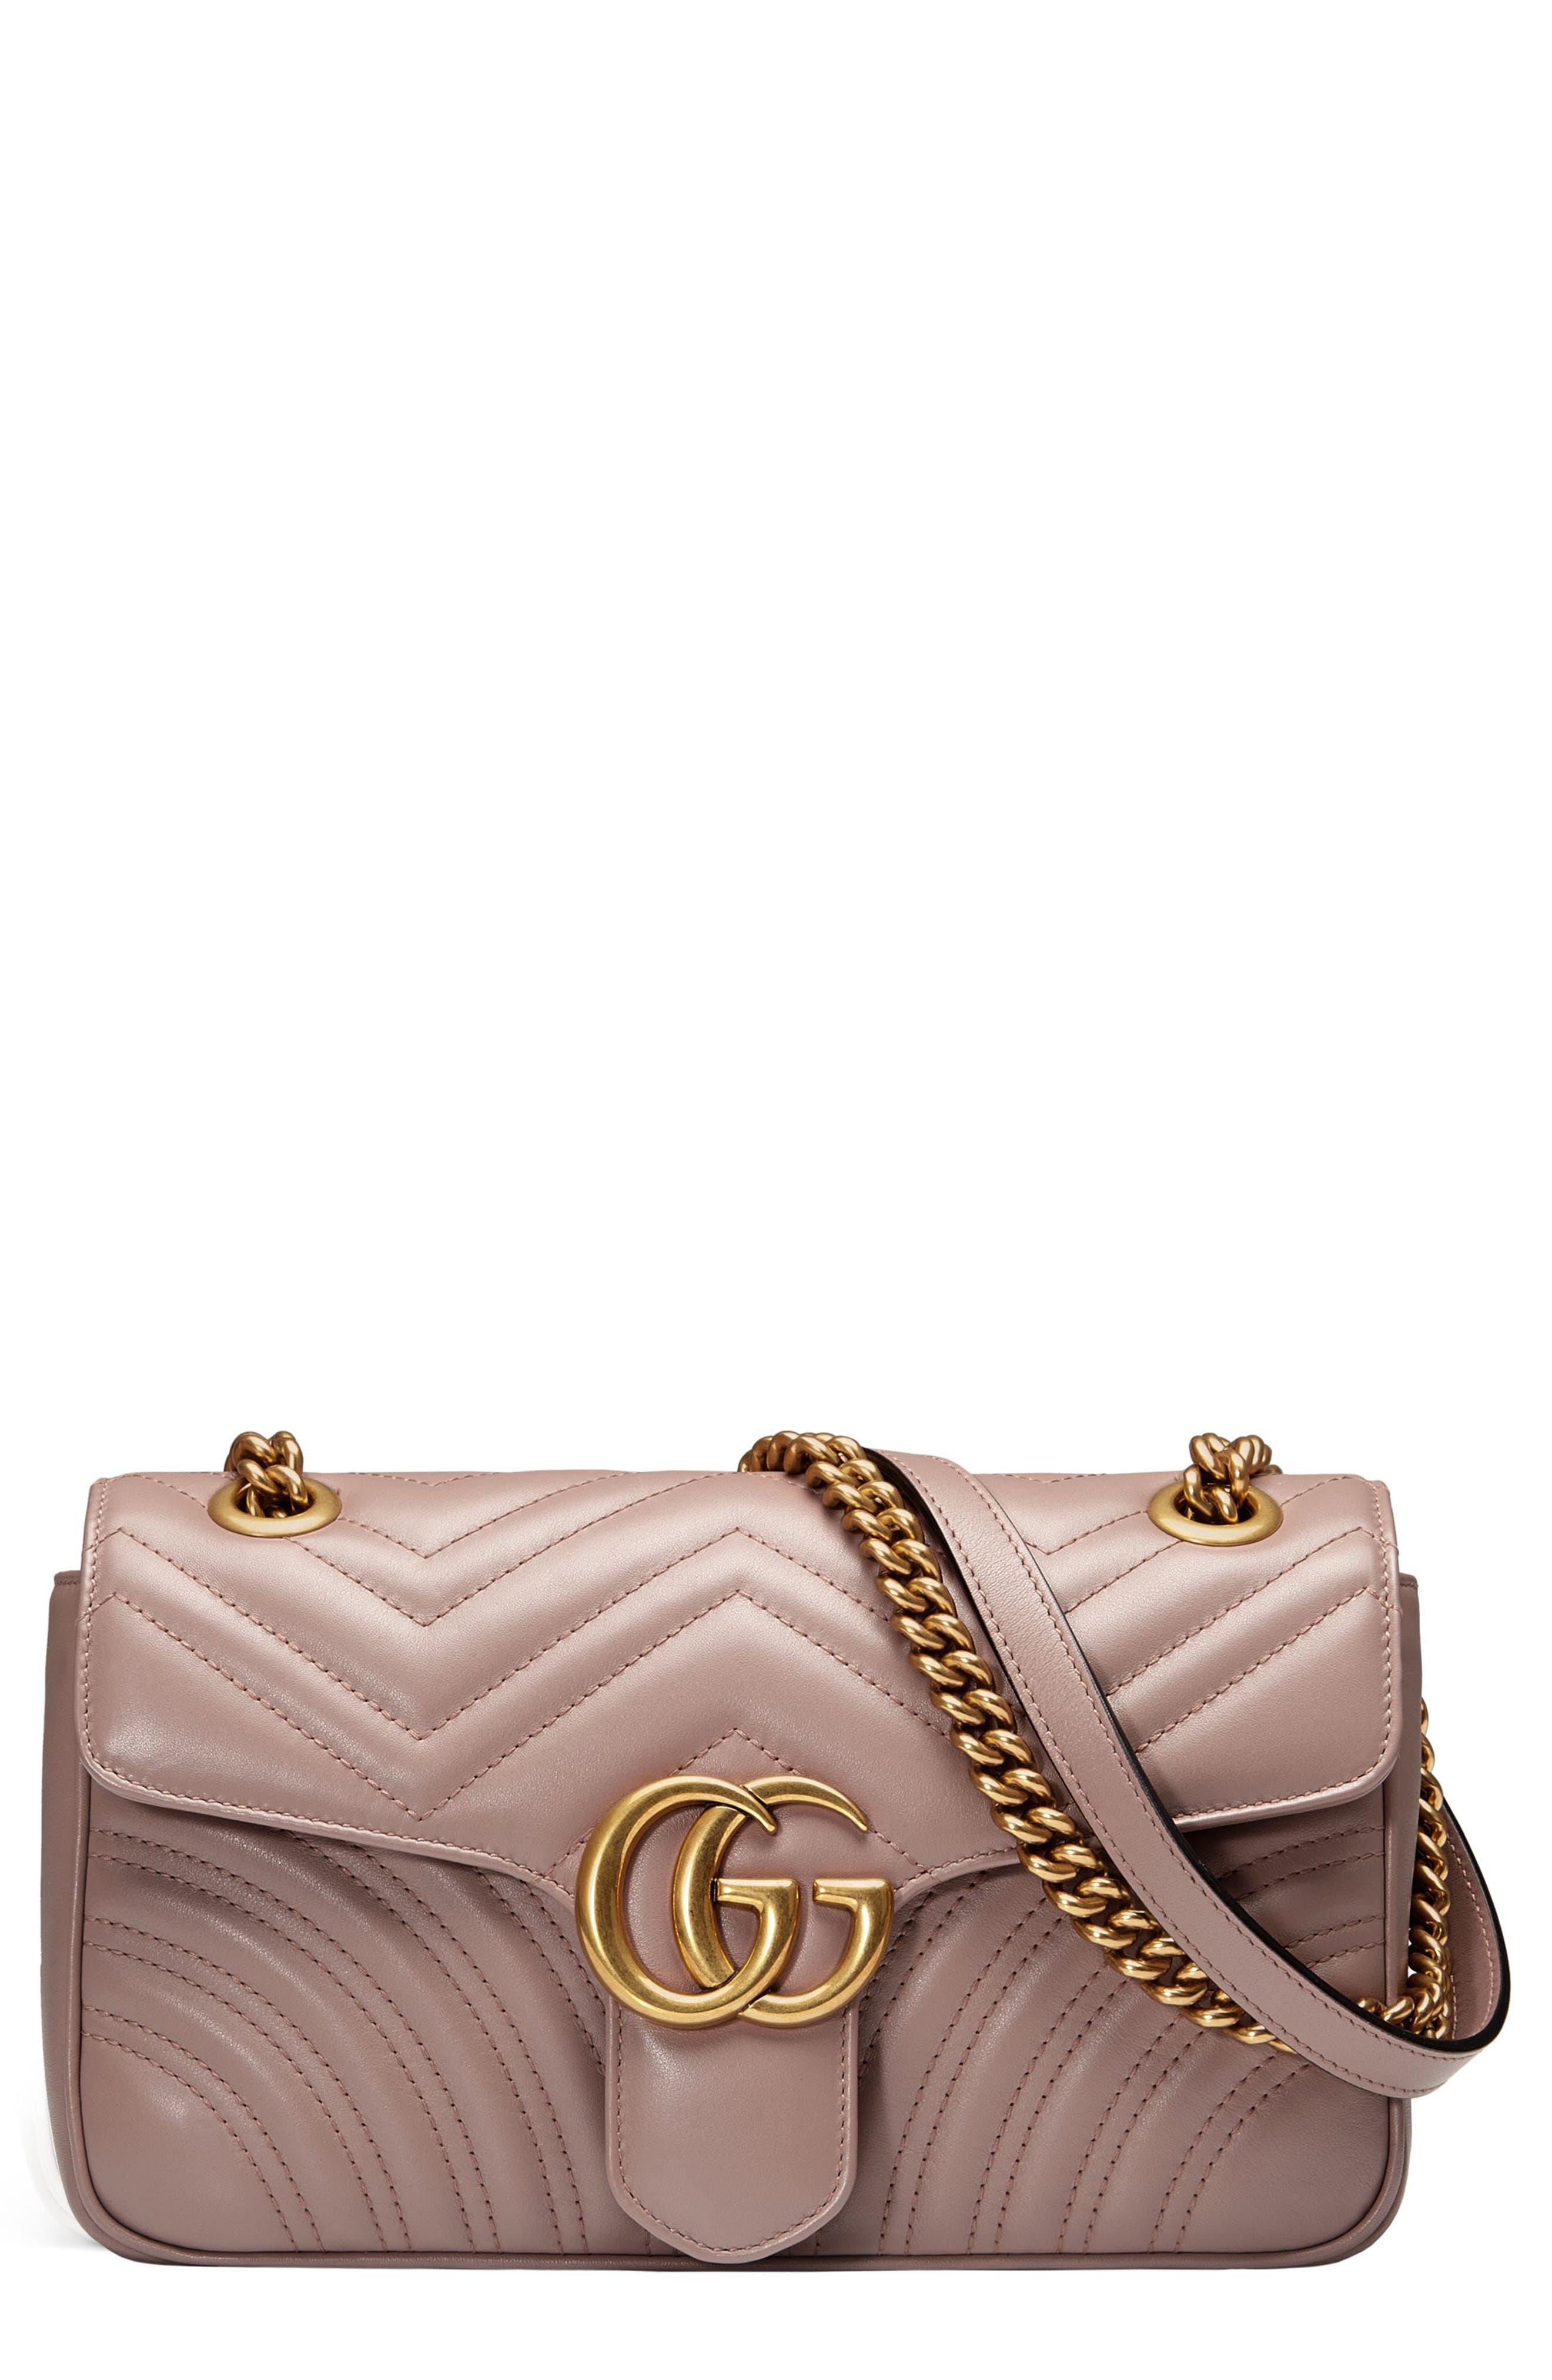 GUCCI Small GG Marmont 2.0 Matelassé Leather Shoulder Bag, Main, color, PORCELAIN ROSE/ PORCELAIN ROSE